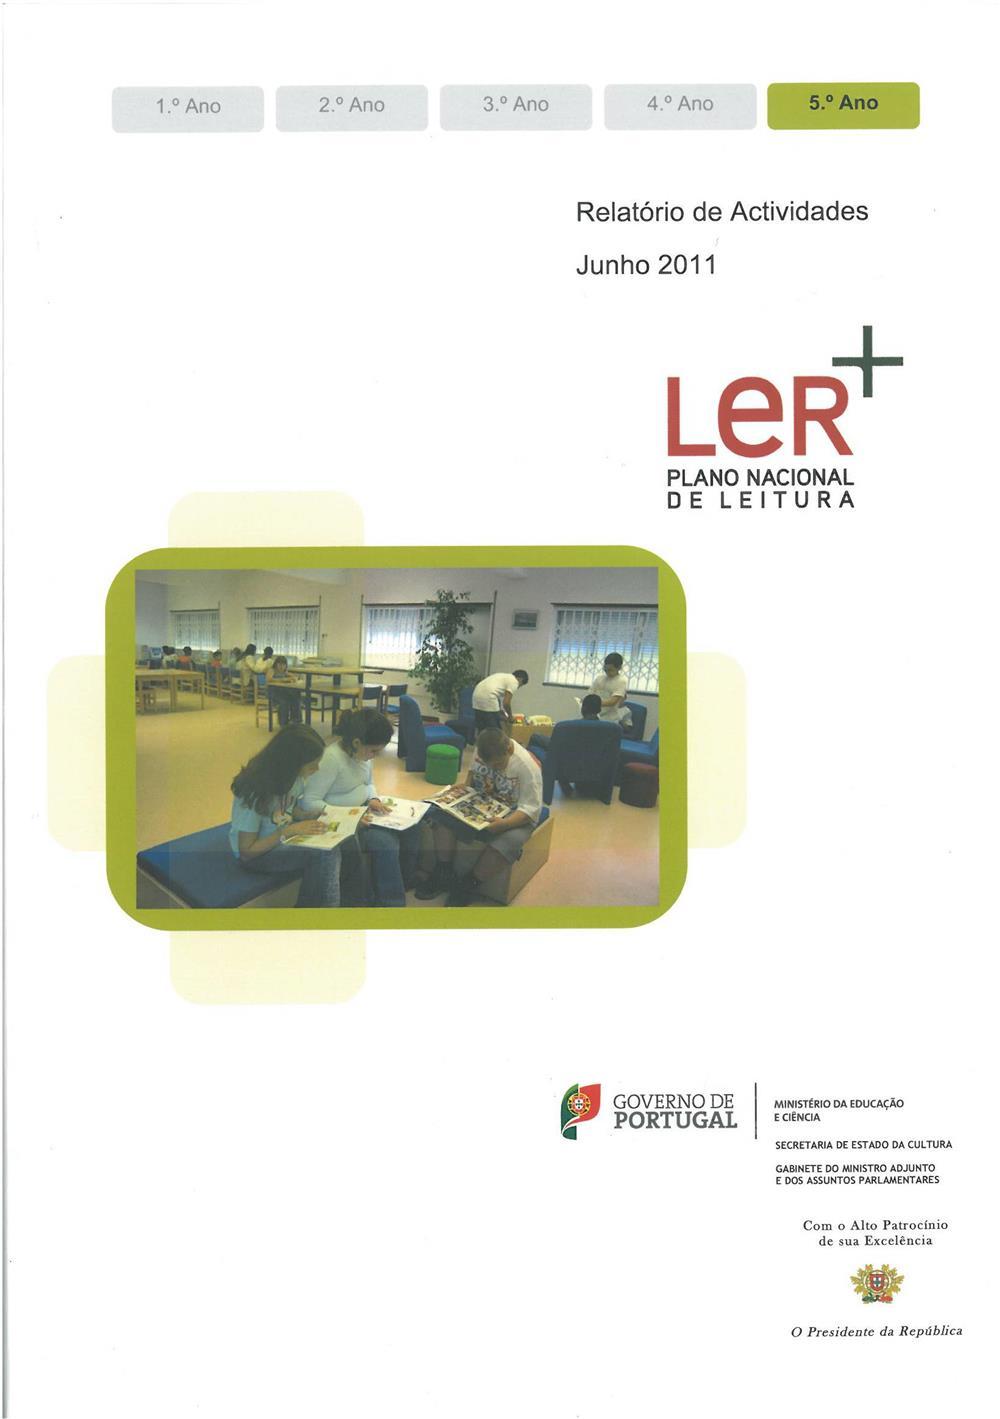 Relatório de actividades_5.º ano.jpg